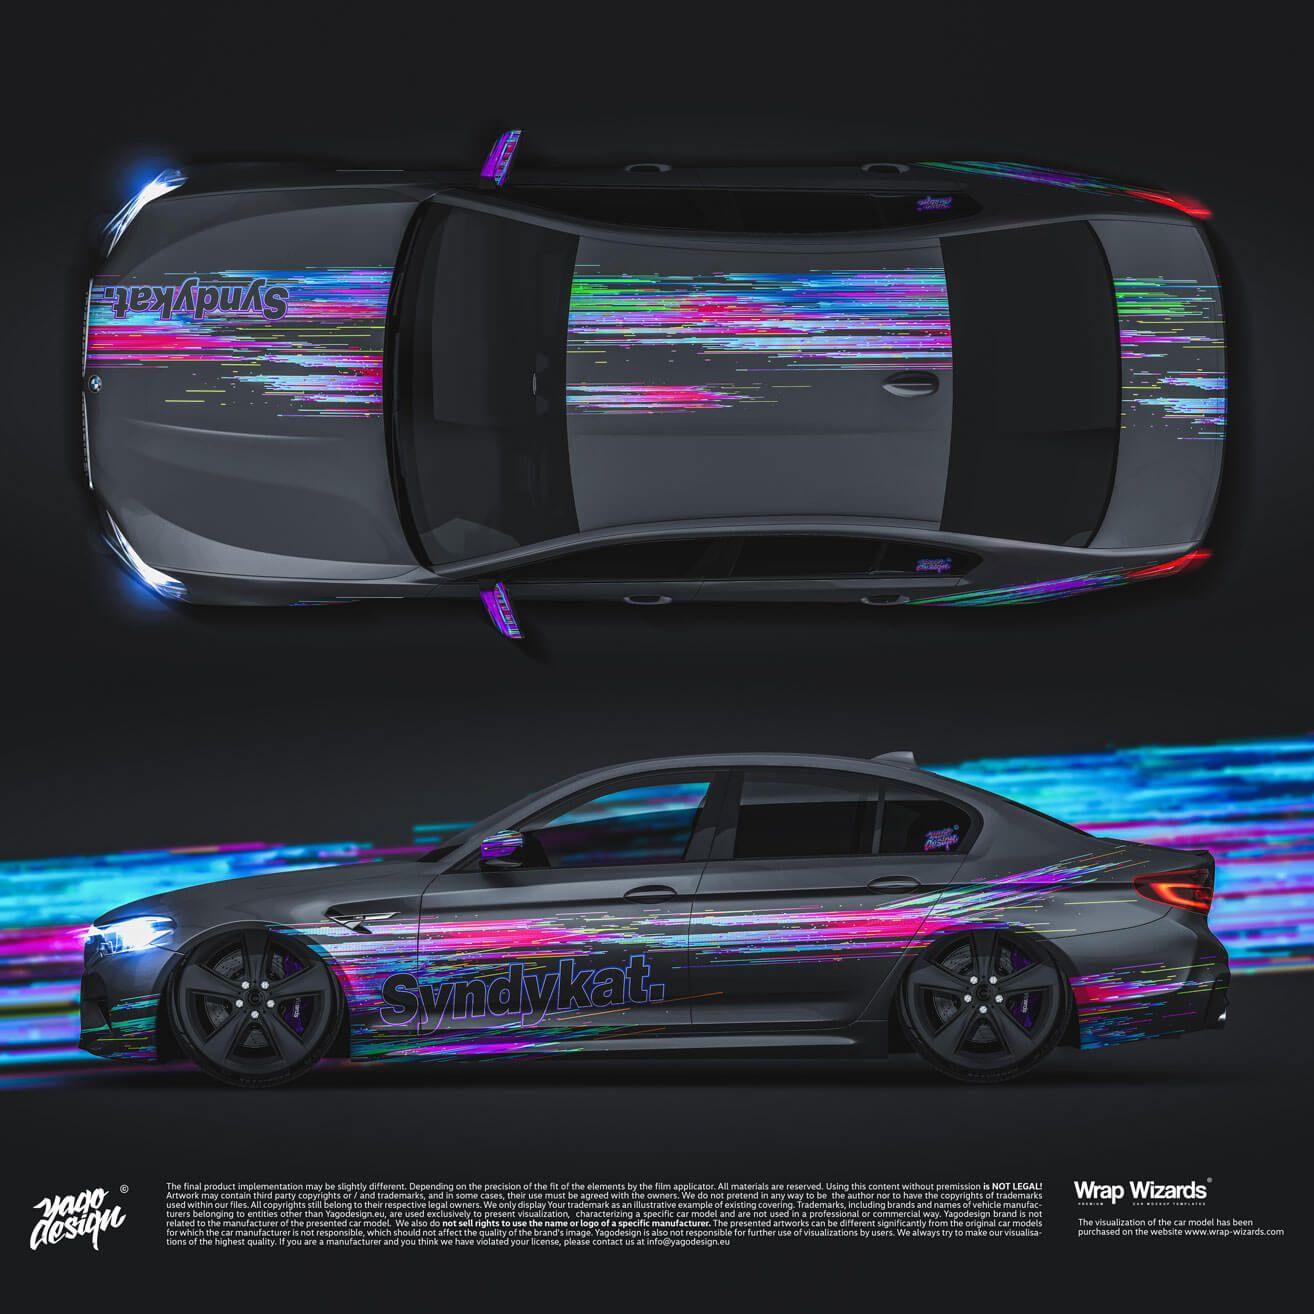 Bmw M5 F90 By Yagodesign Syndykat In 2020 Mit Bildern Folierung